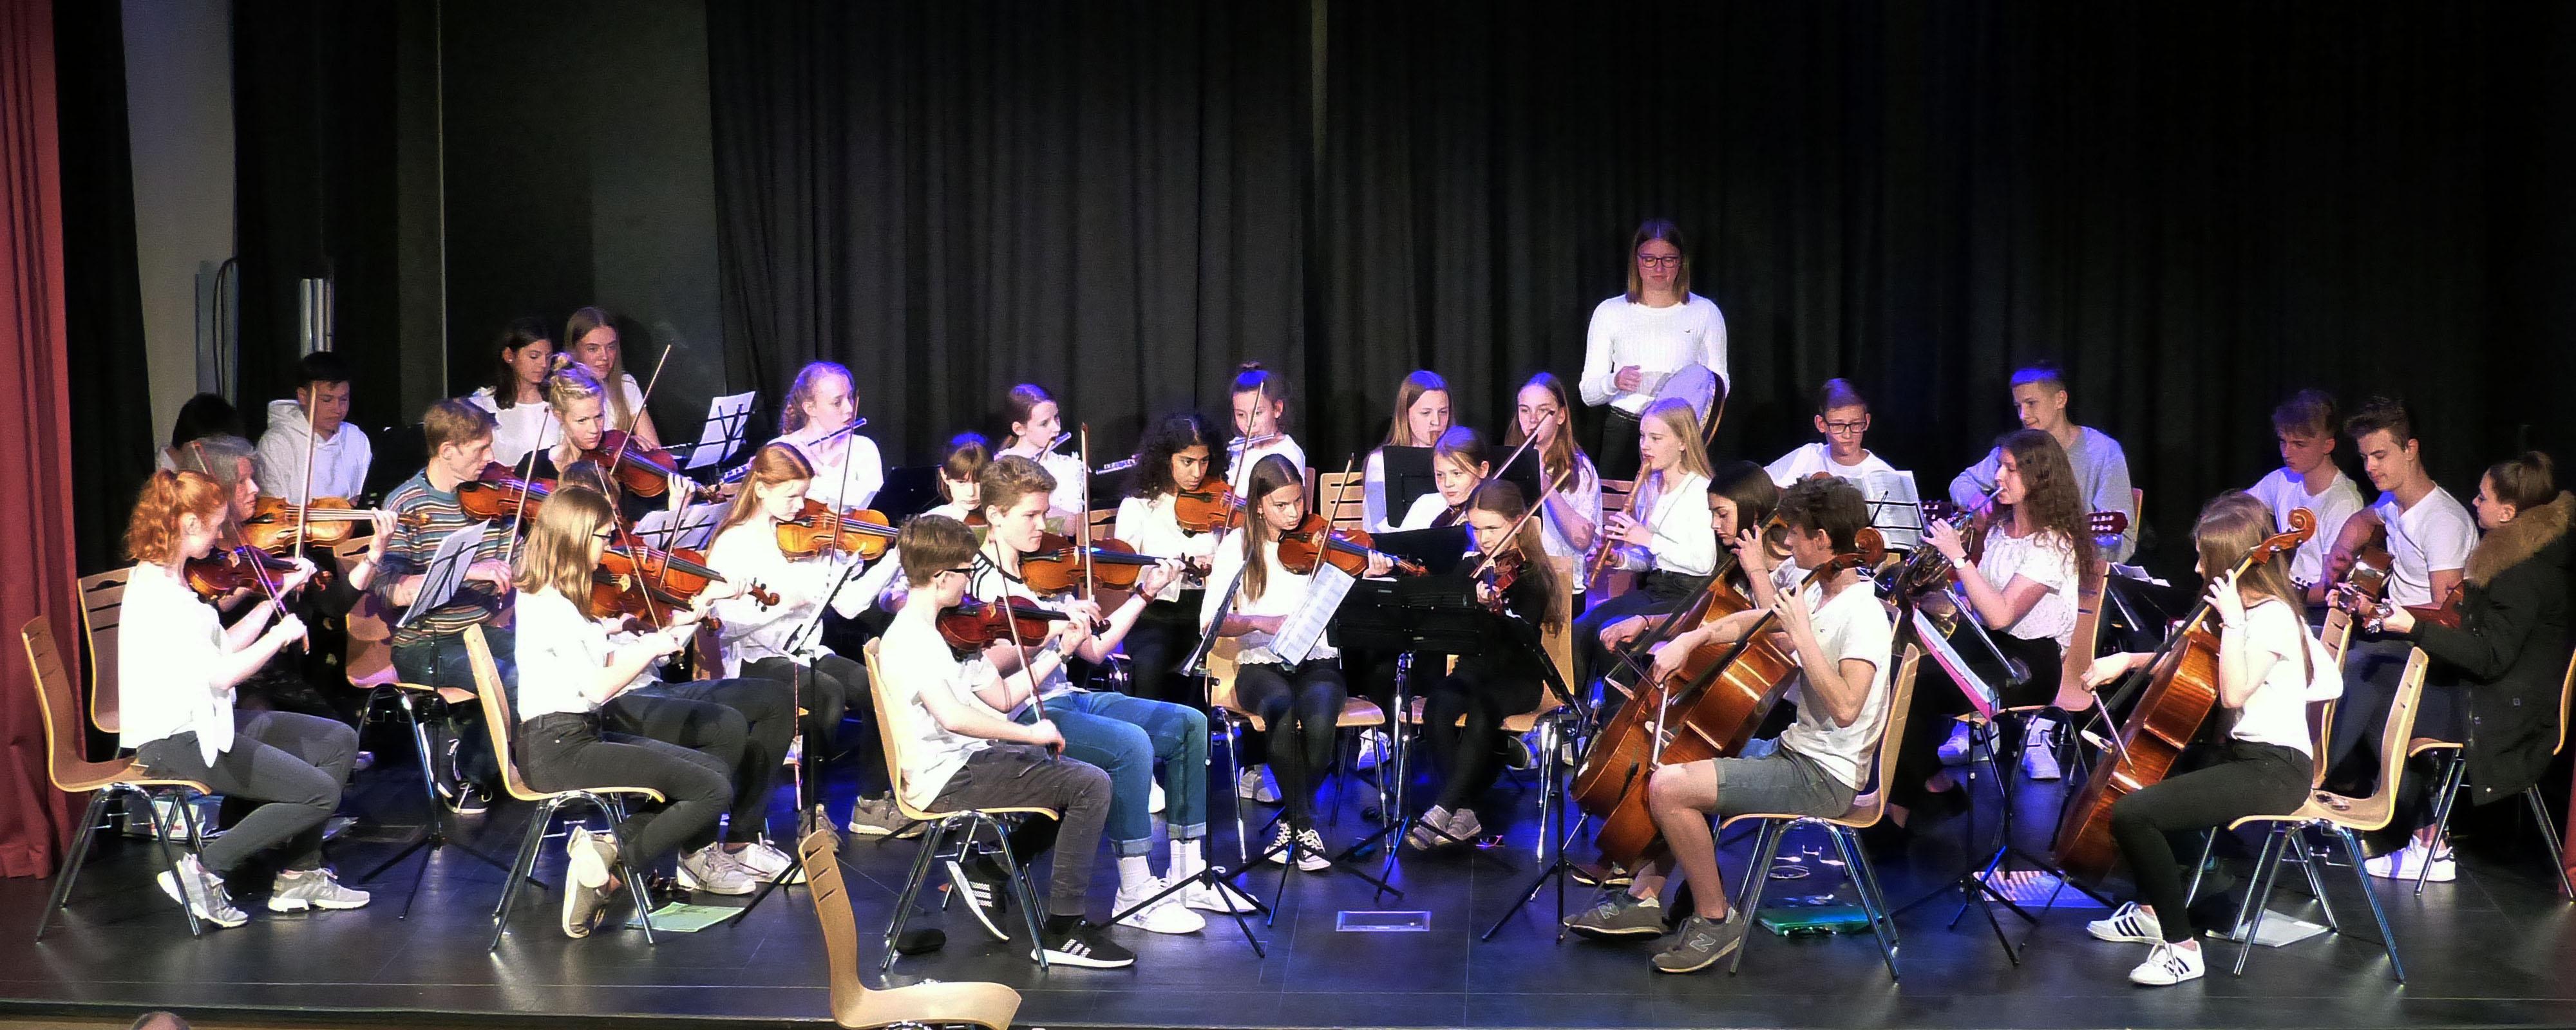 Orchester- Und Big Band Konzert Im Forum Der GAG